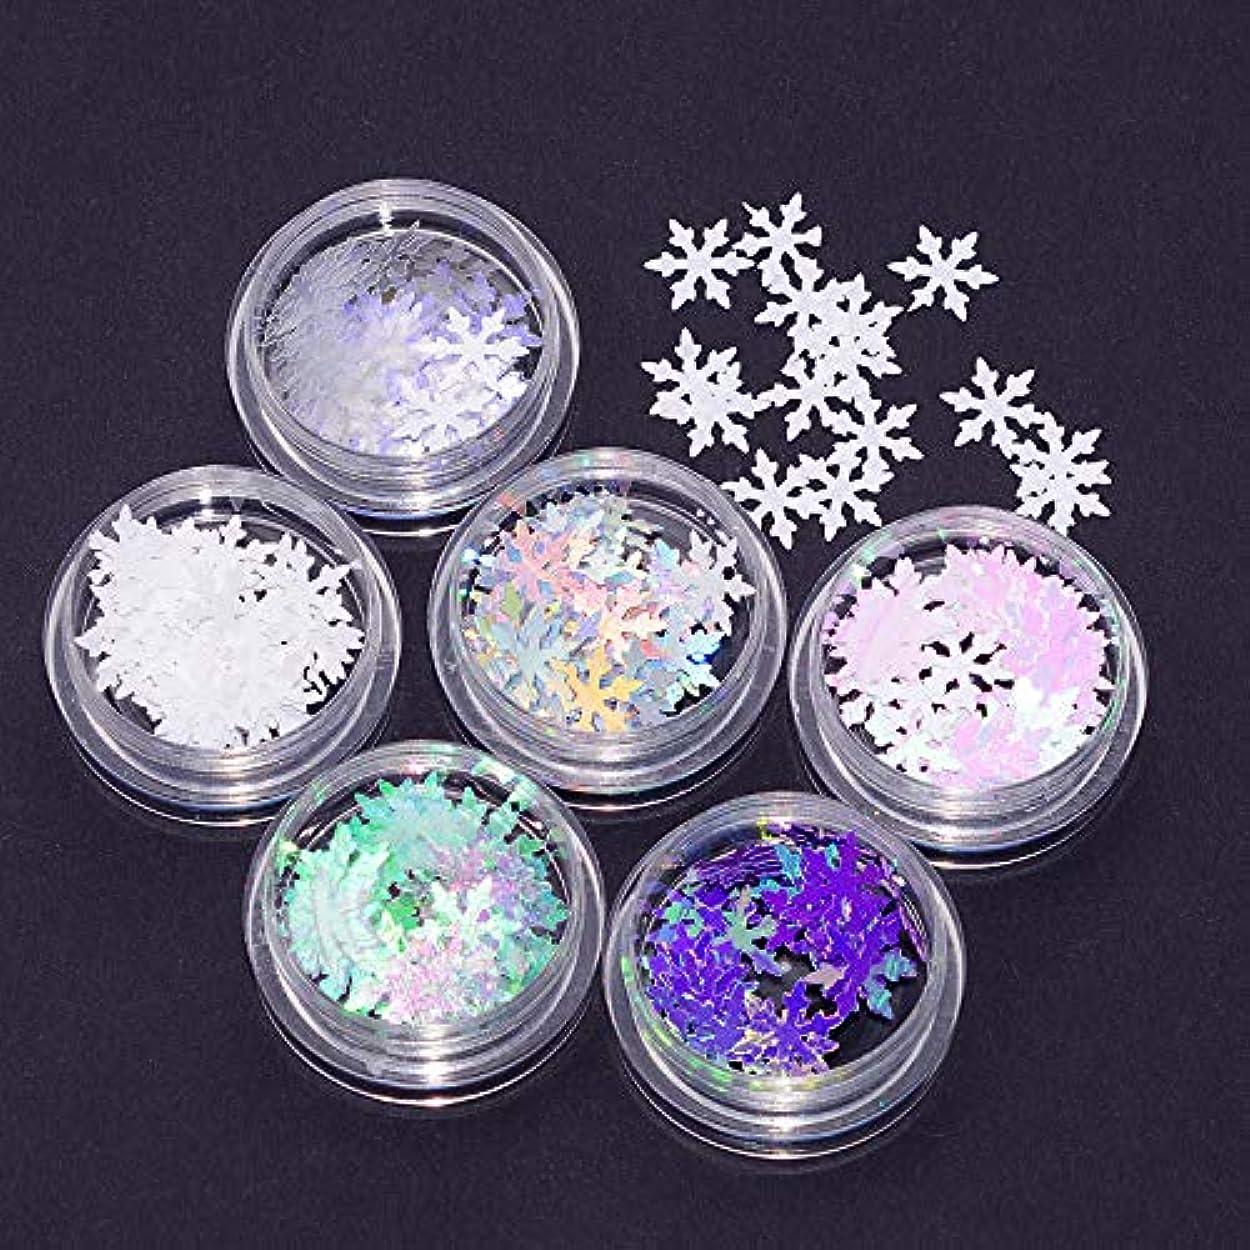 6個雪の結晶スパークルホログラムジェルネイルジェルネイルネイルパーツアート用品3Dネイルデコレーション スタッズ